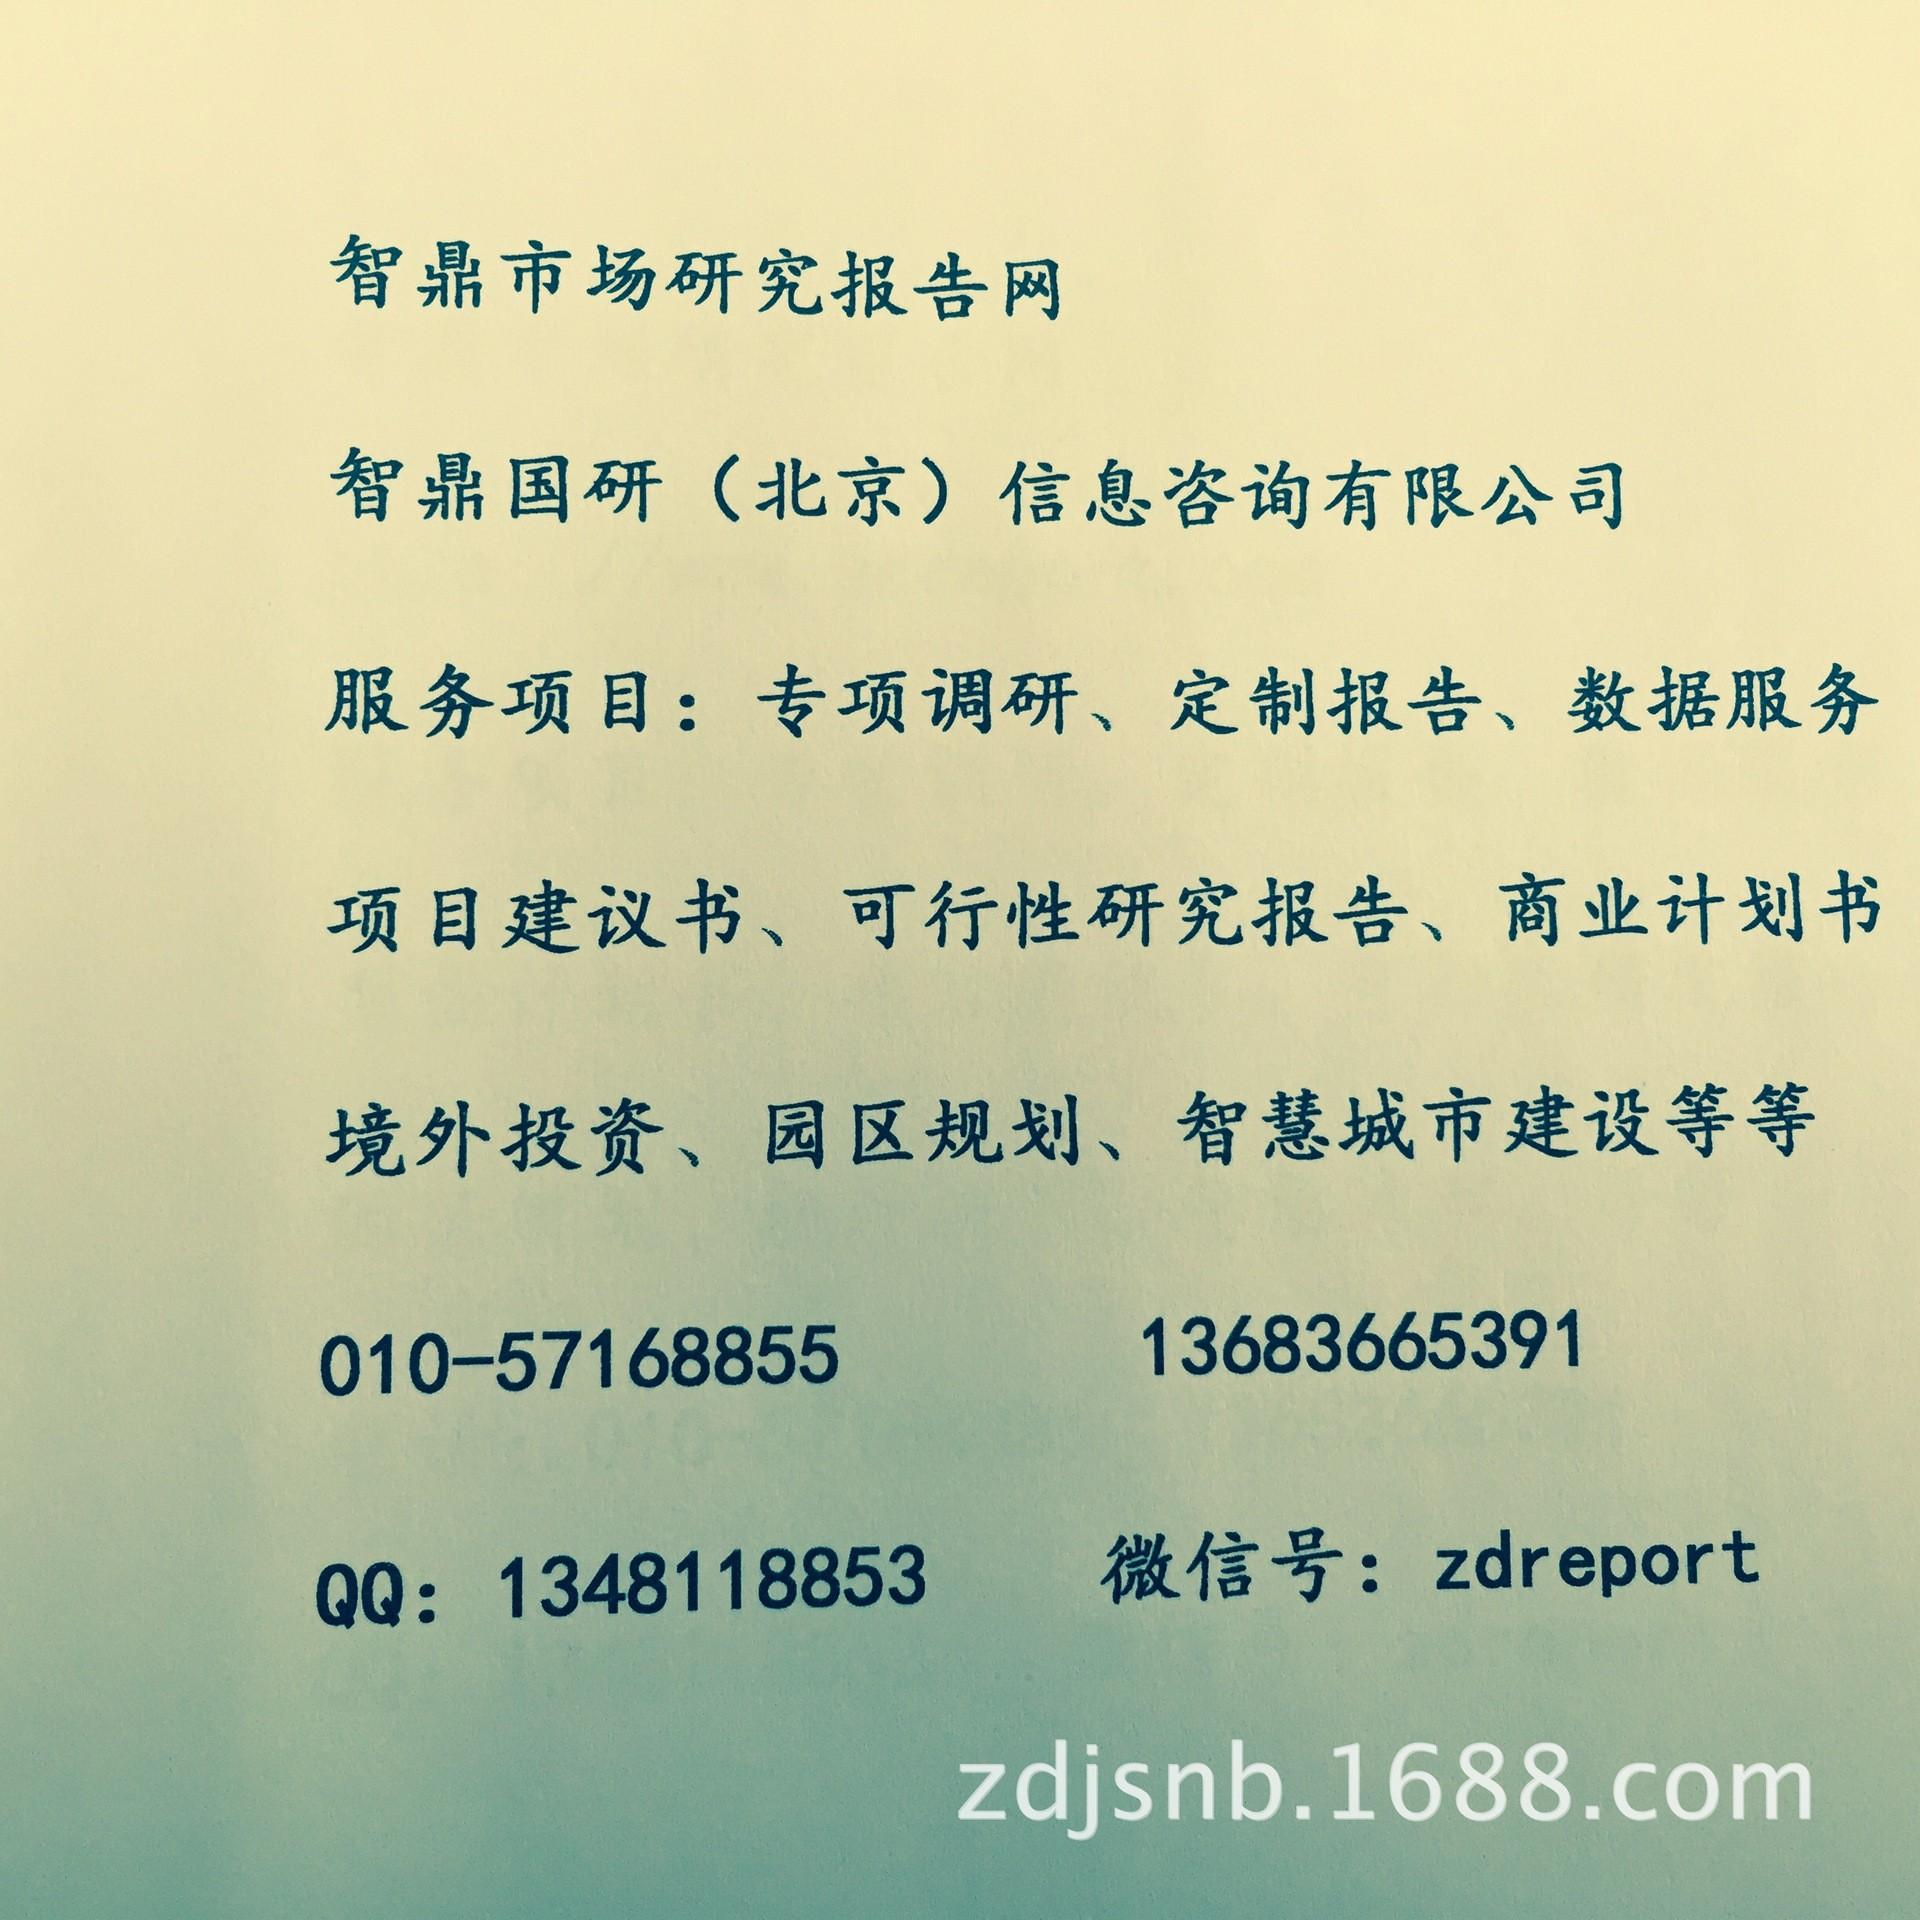 中国多功能音频工作站行业市场调研及投资发展前景研究报告 实地调研